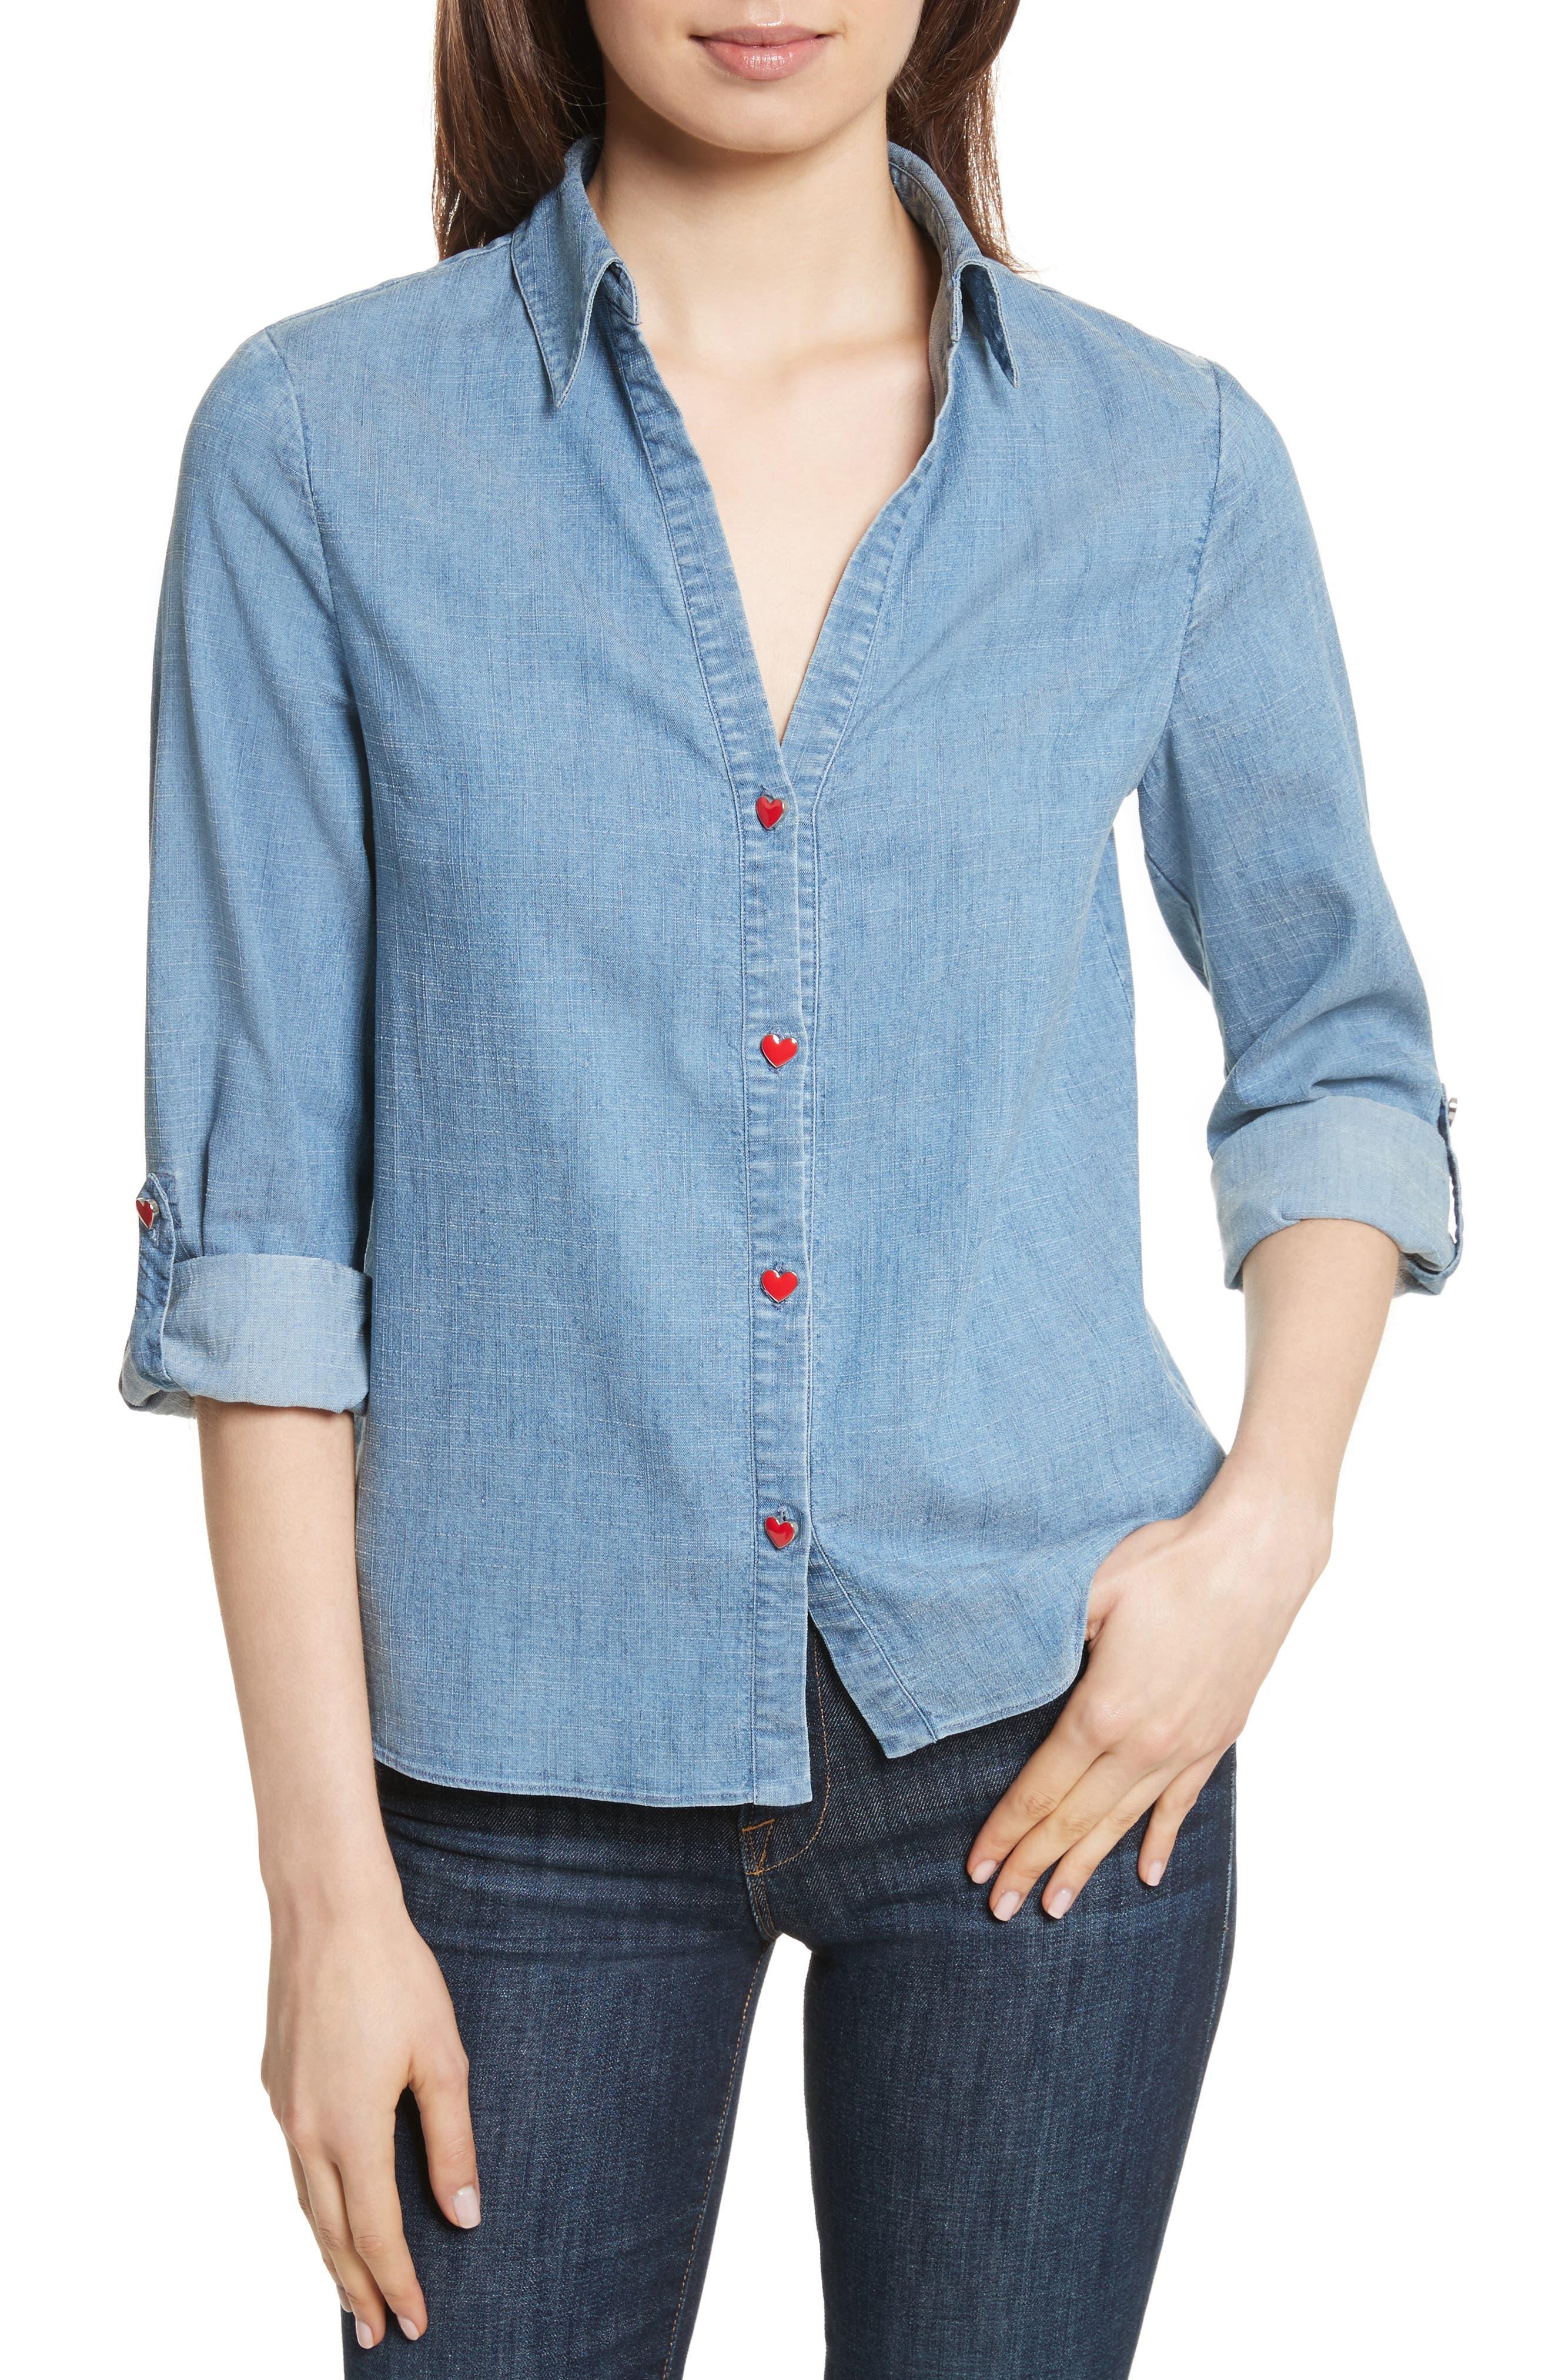 Eloise Appliqué Roll-Cuff Shirt,                             Main thumbnail 1, color,                             484